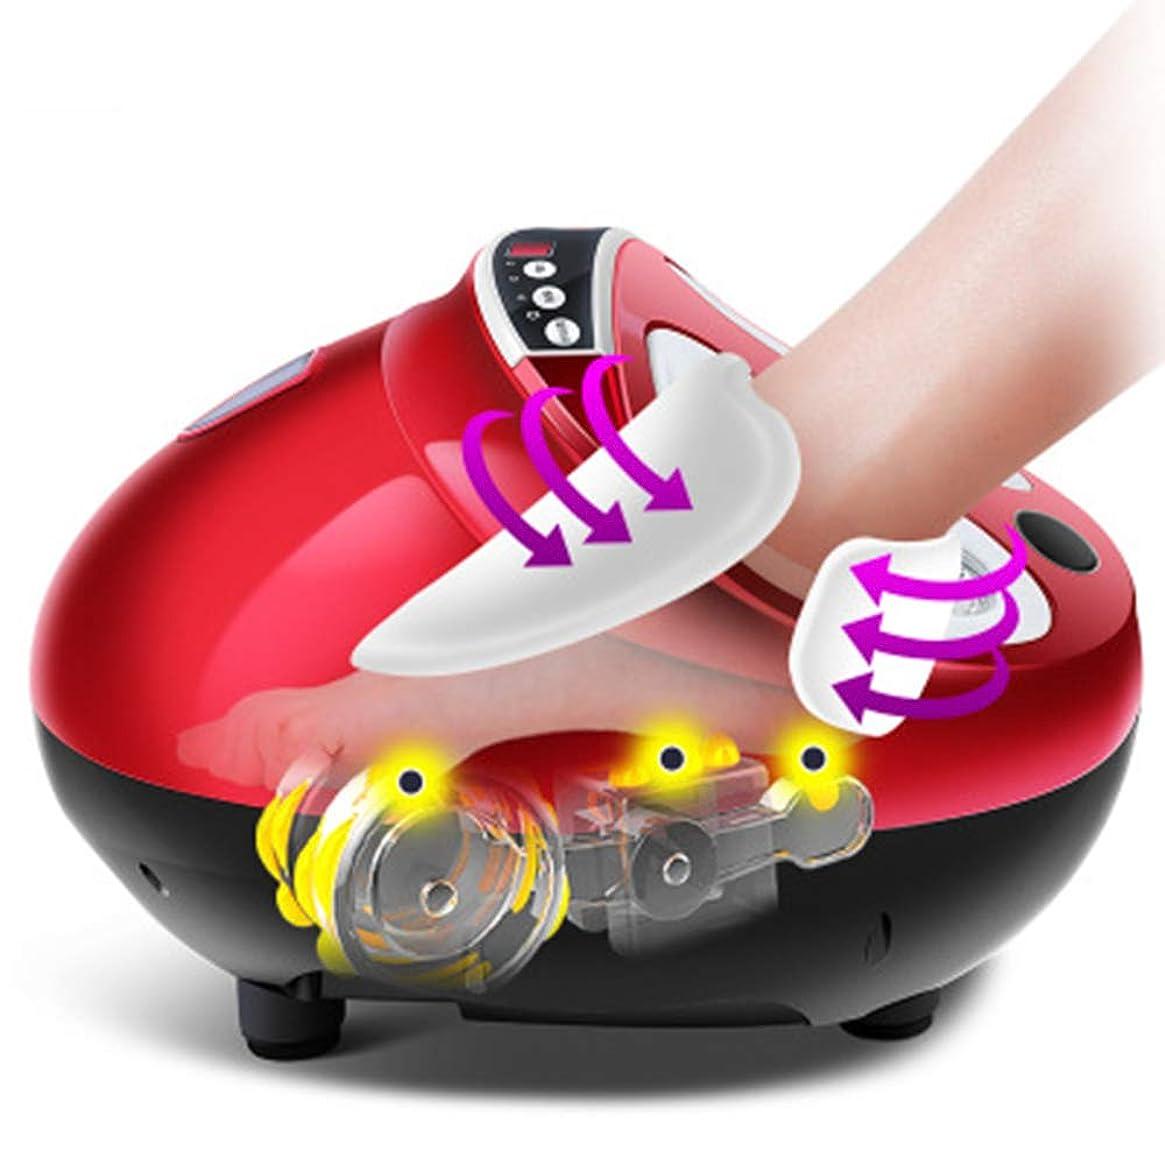 決して識別関数NSCHJZホイール付き電動マッサージベッド、暖房機能付き、空気圧縮、深い混練、足と脚の筋肉のほぐれ、足底筋膜炎の足裏マッサージ, red